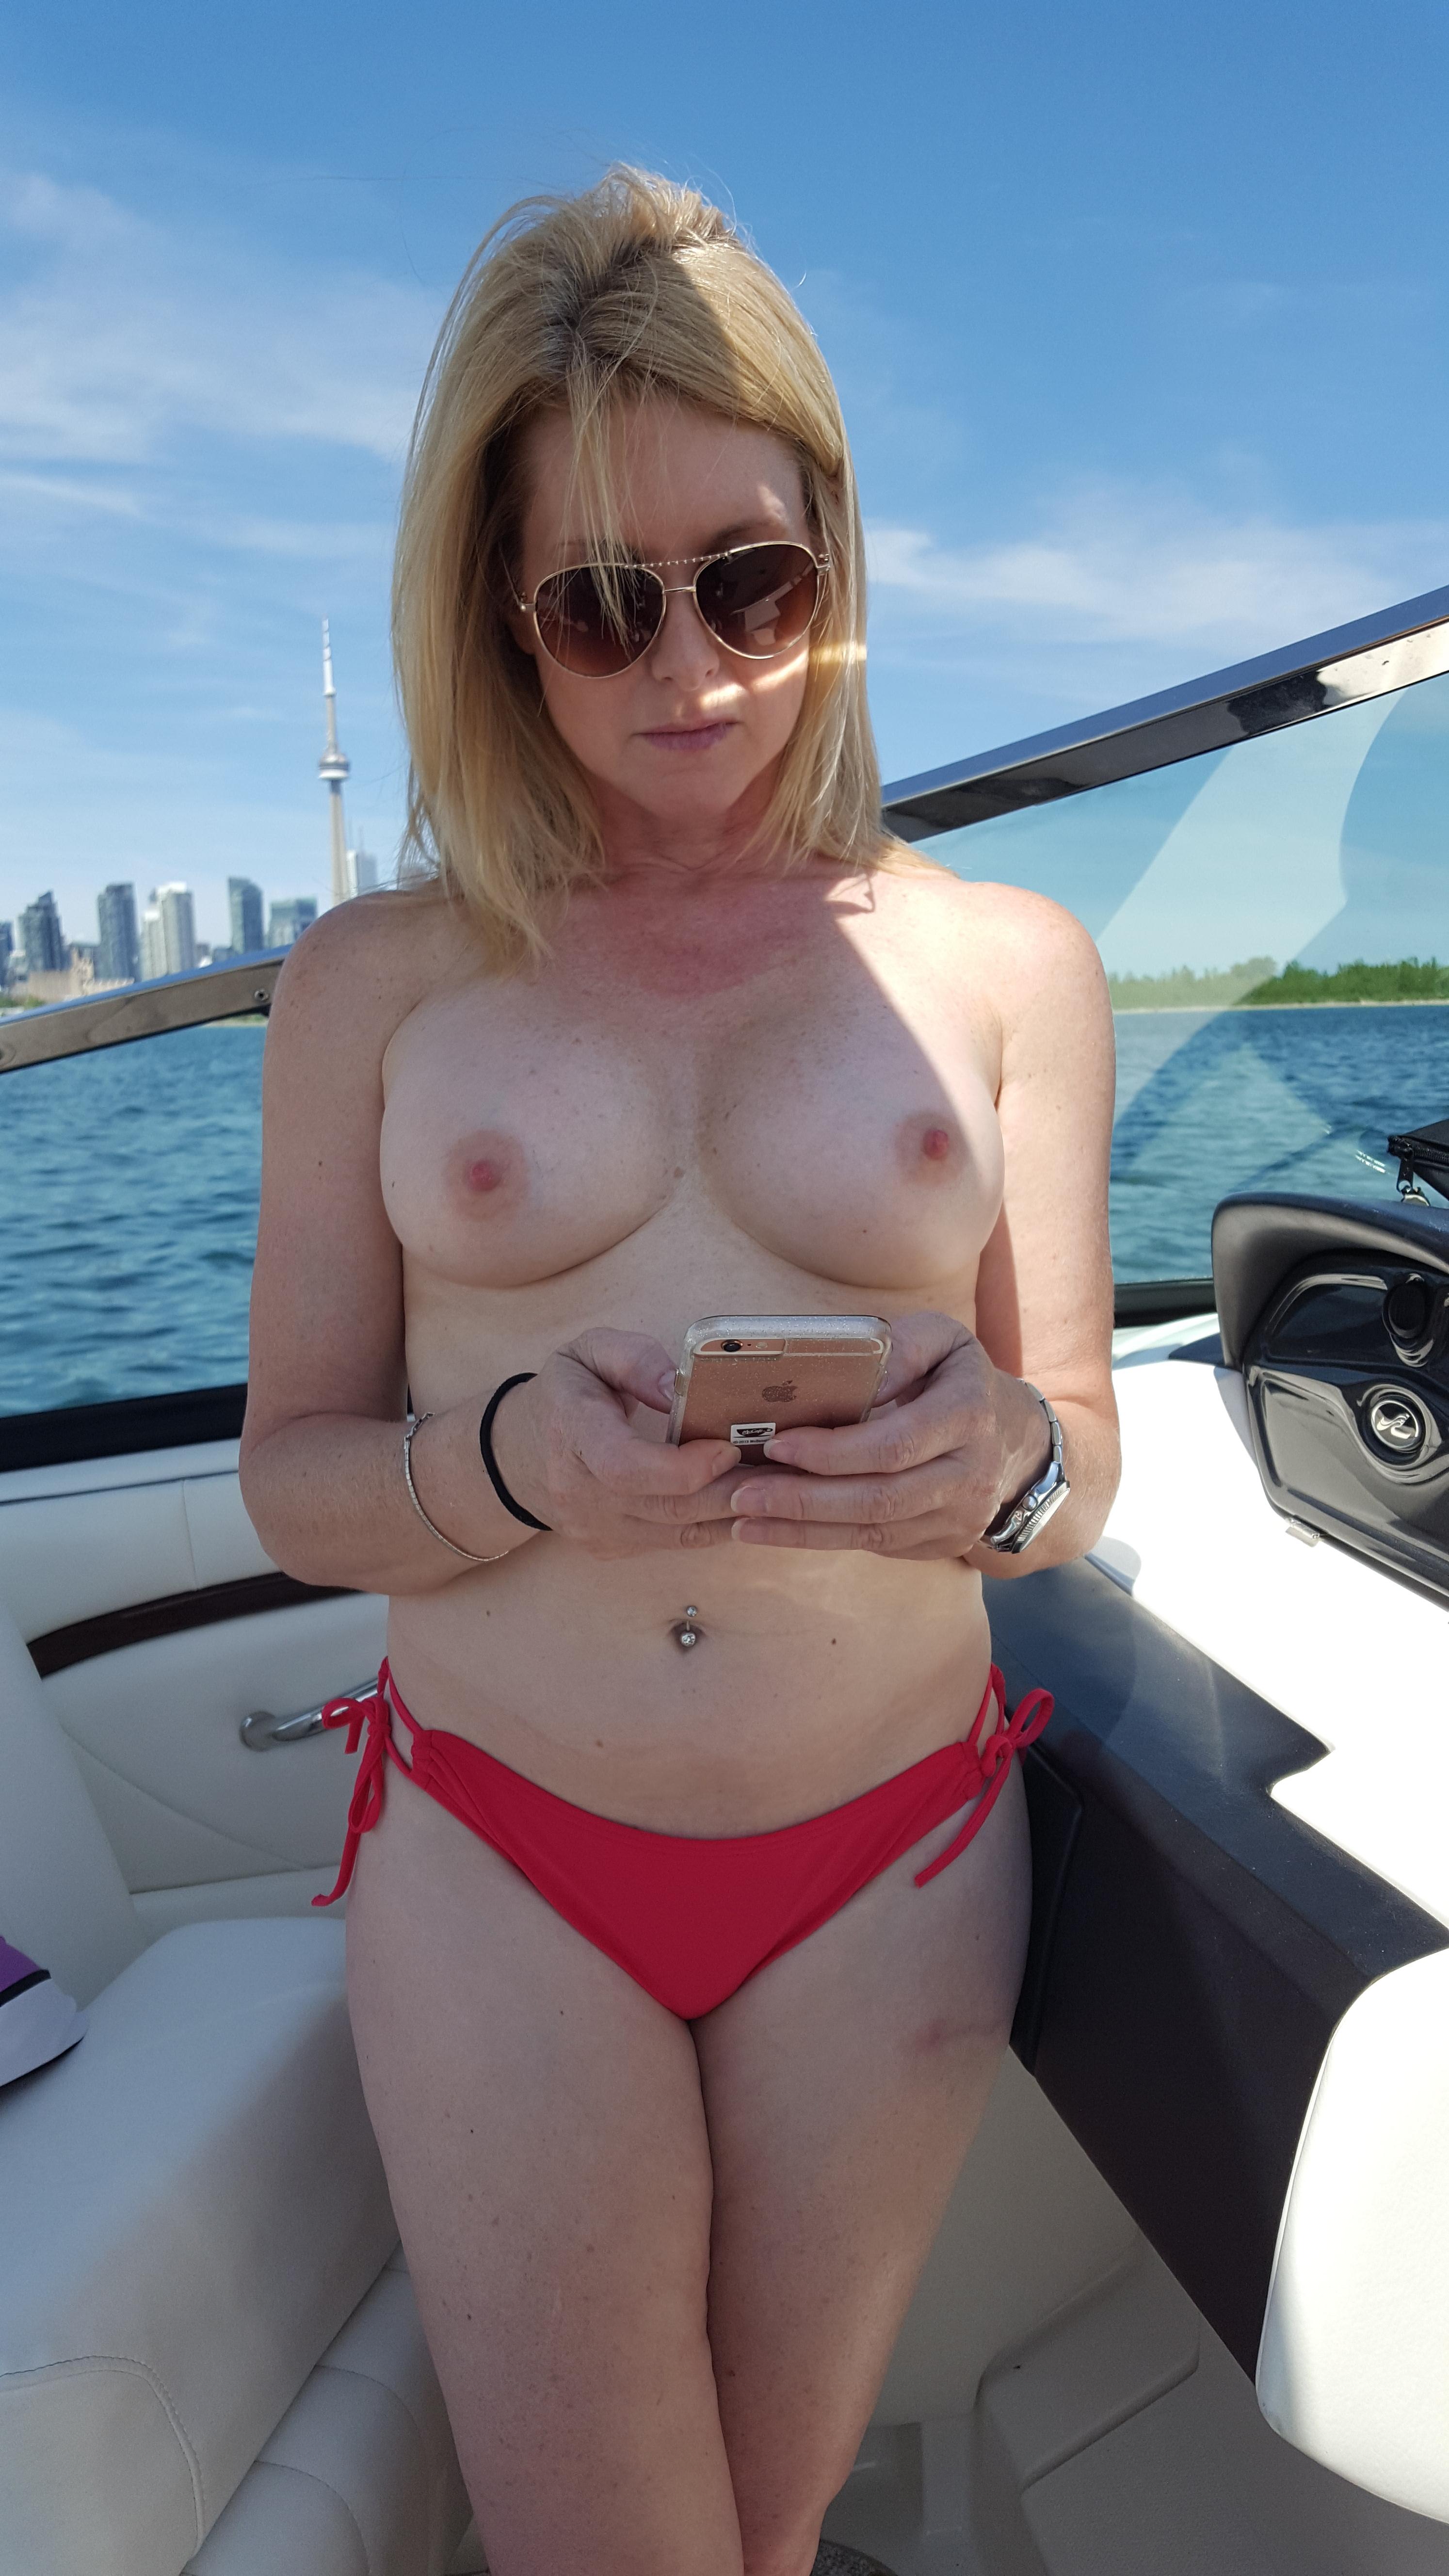 Сексуальные дамочки с сиськами находятся дома голышом 9 фото